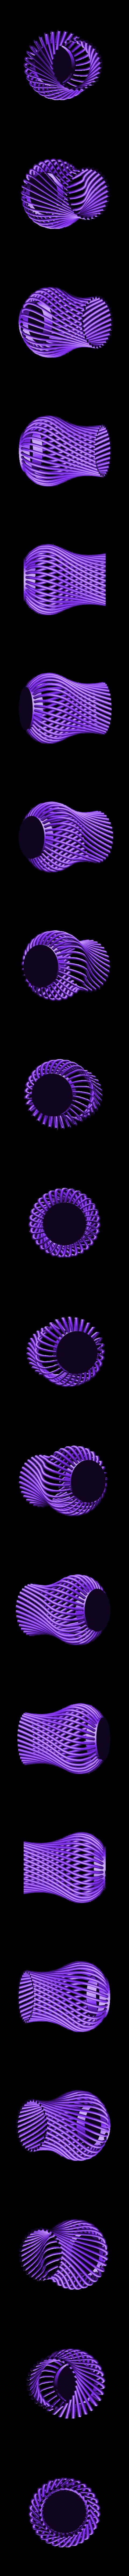 PatternVase.stl Télécharger fichier STL gratuit PatternVase • Objet pour imprimante 3D, Digitang3D